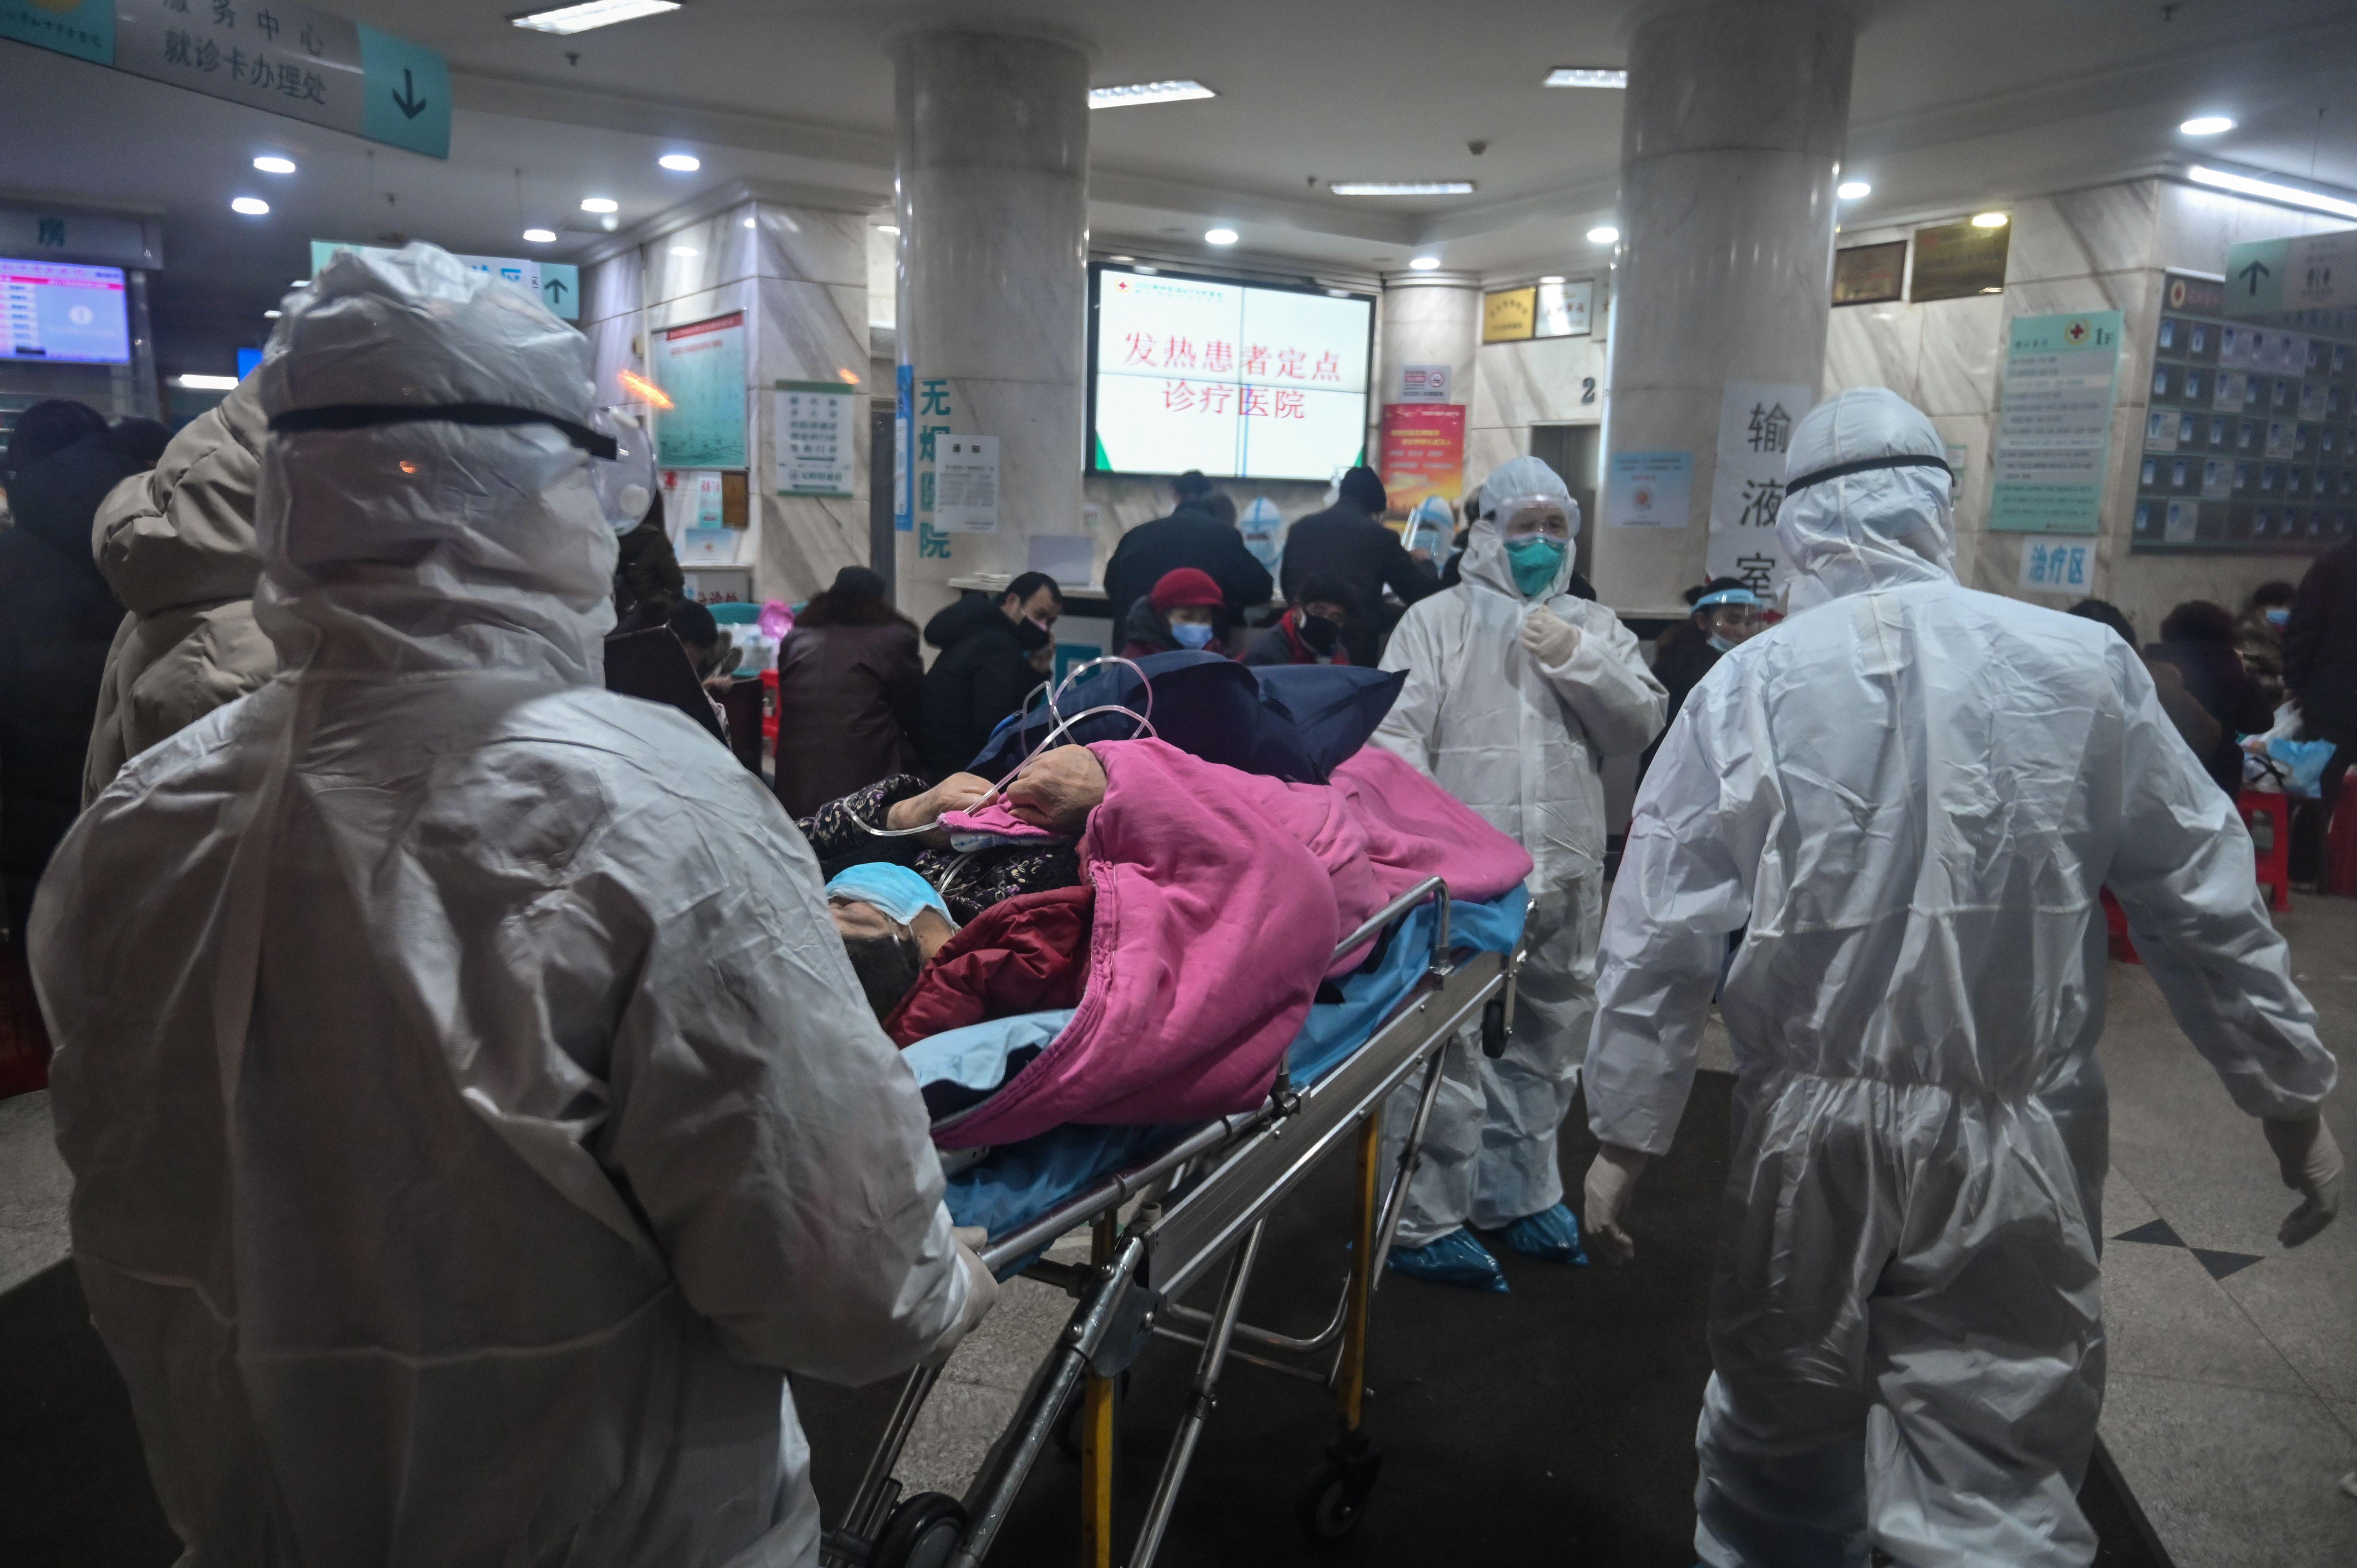 父染中共肺炎 陸民:醫院不給治療要他回家